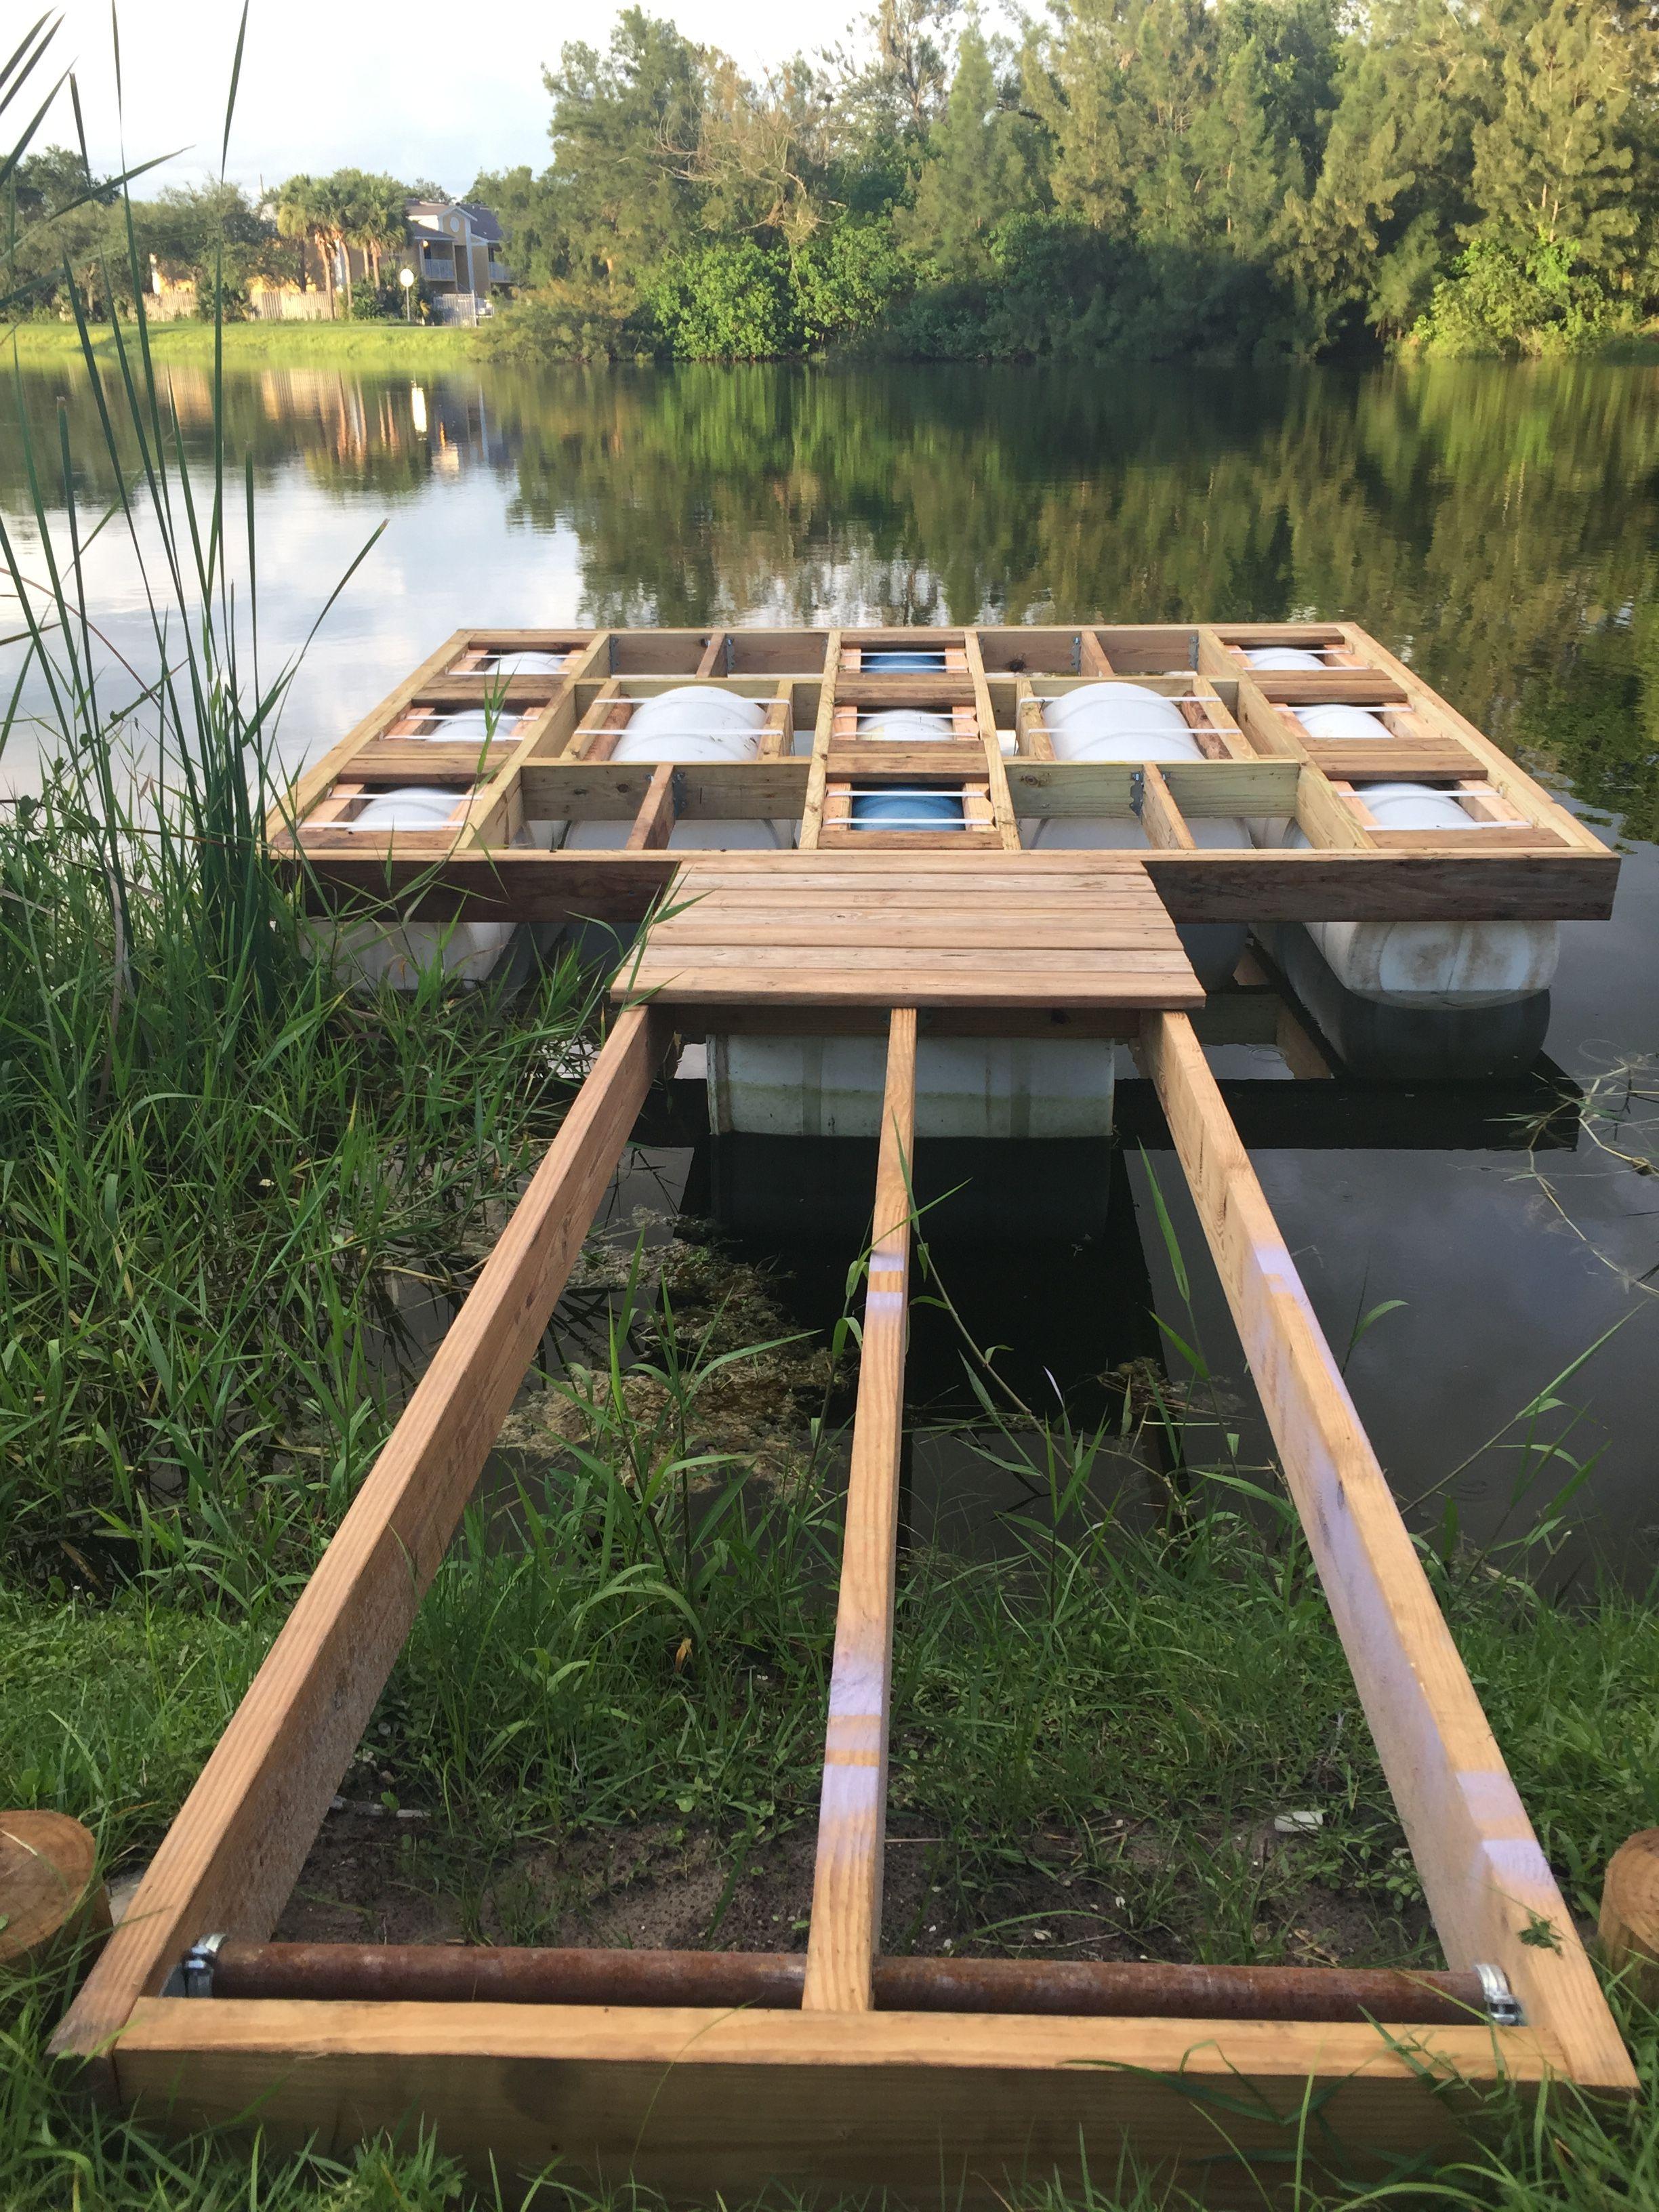 Floating Docks Lakefront Living Floating Dock Plans Building A Dock